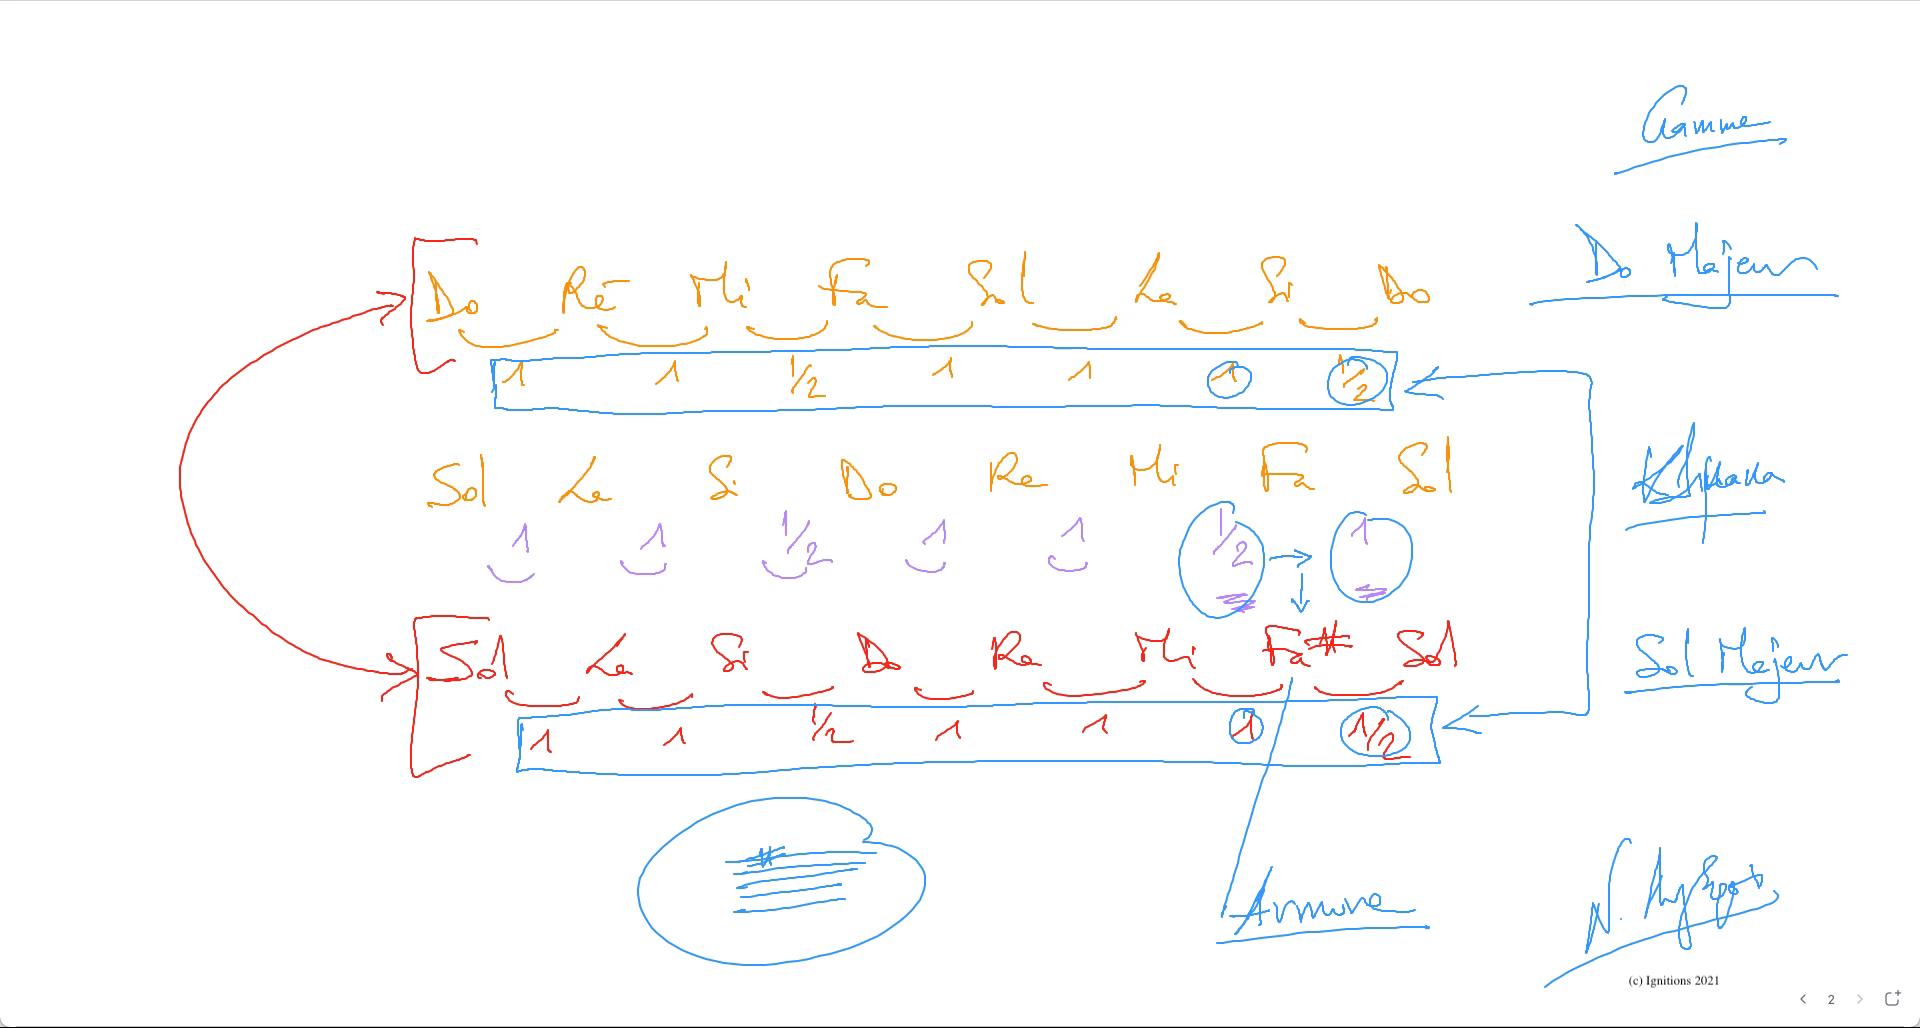 59095 - e-Μάθημα ΙI: Κλίμακες και οπλισμοί. (Dessin)